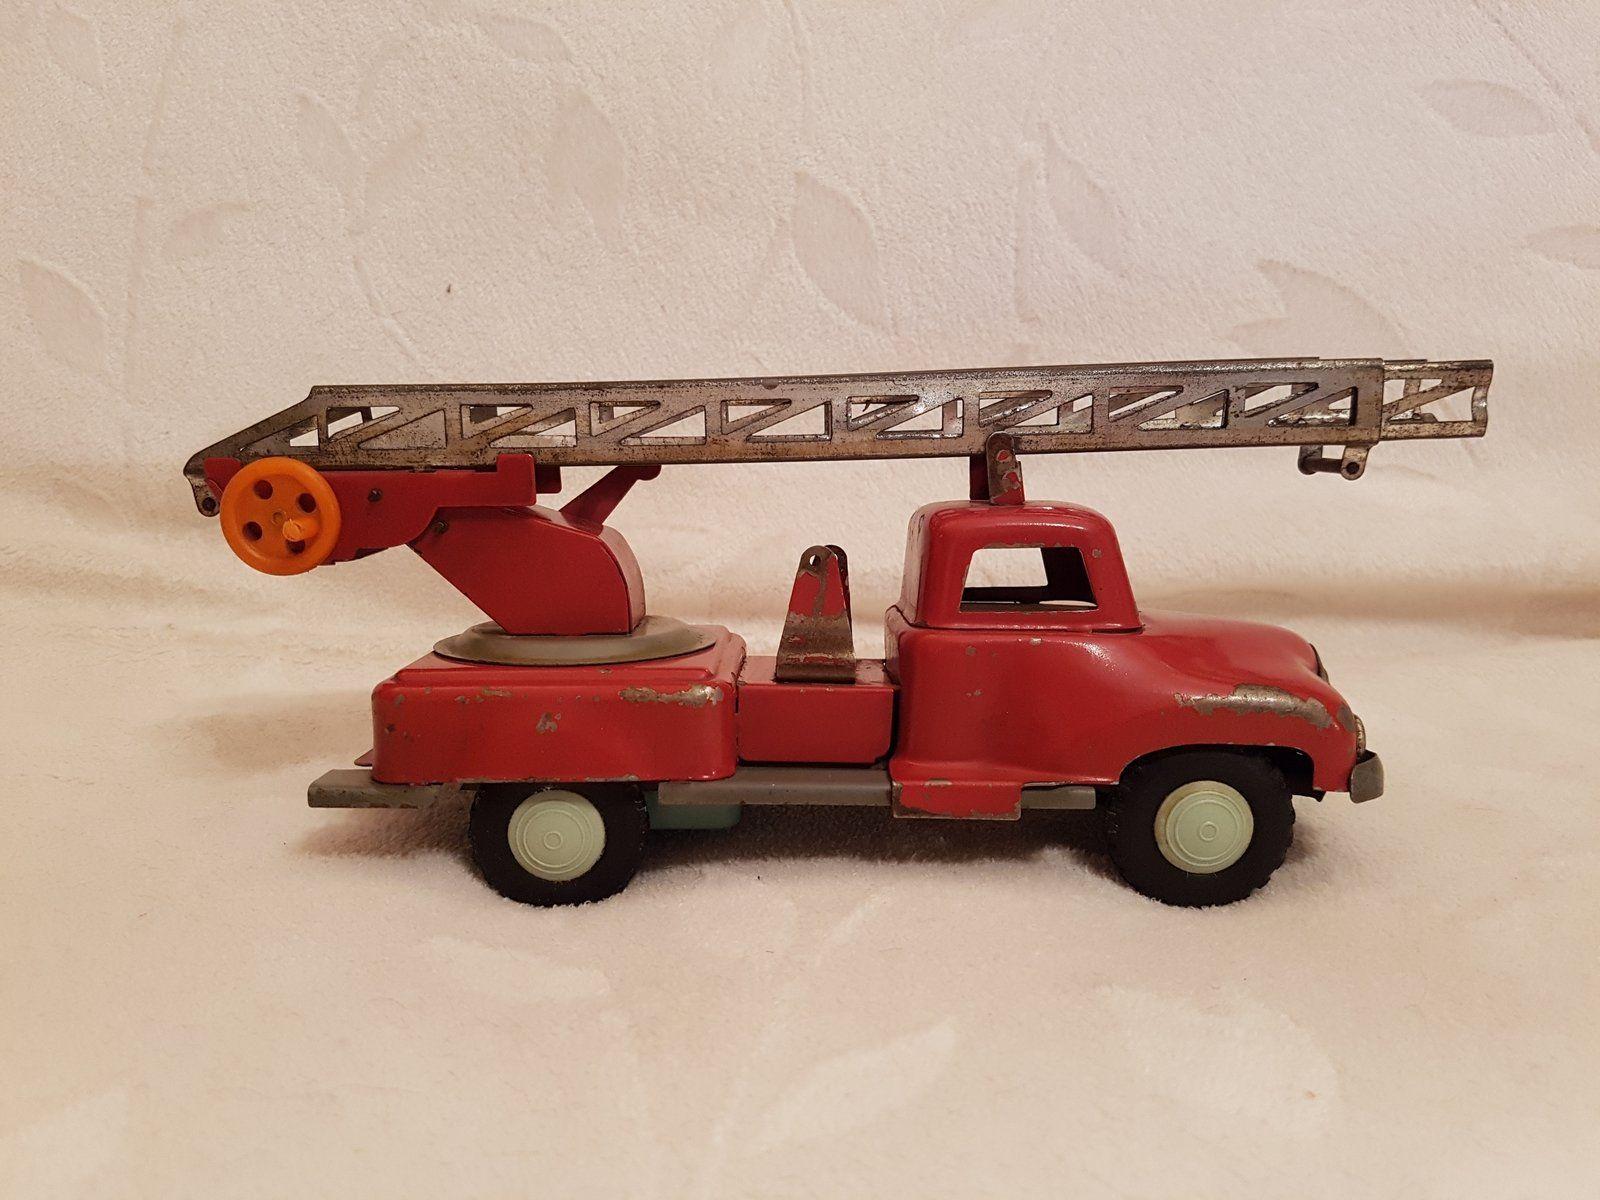 Stara Kultowa Zabawka Metalowa Straz Pozarna 7402160703 Oficjalne Archiwum Allegro Wooden Toy Car Toy Car Wooden Toys